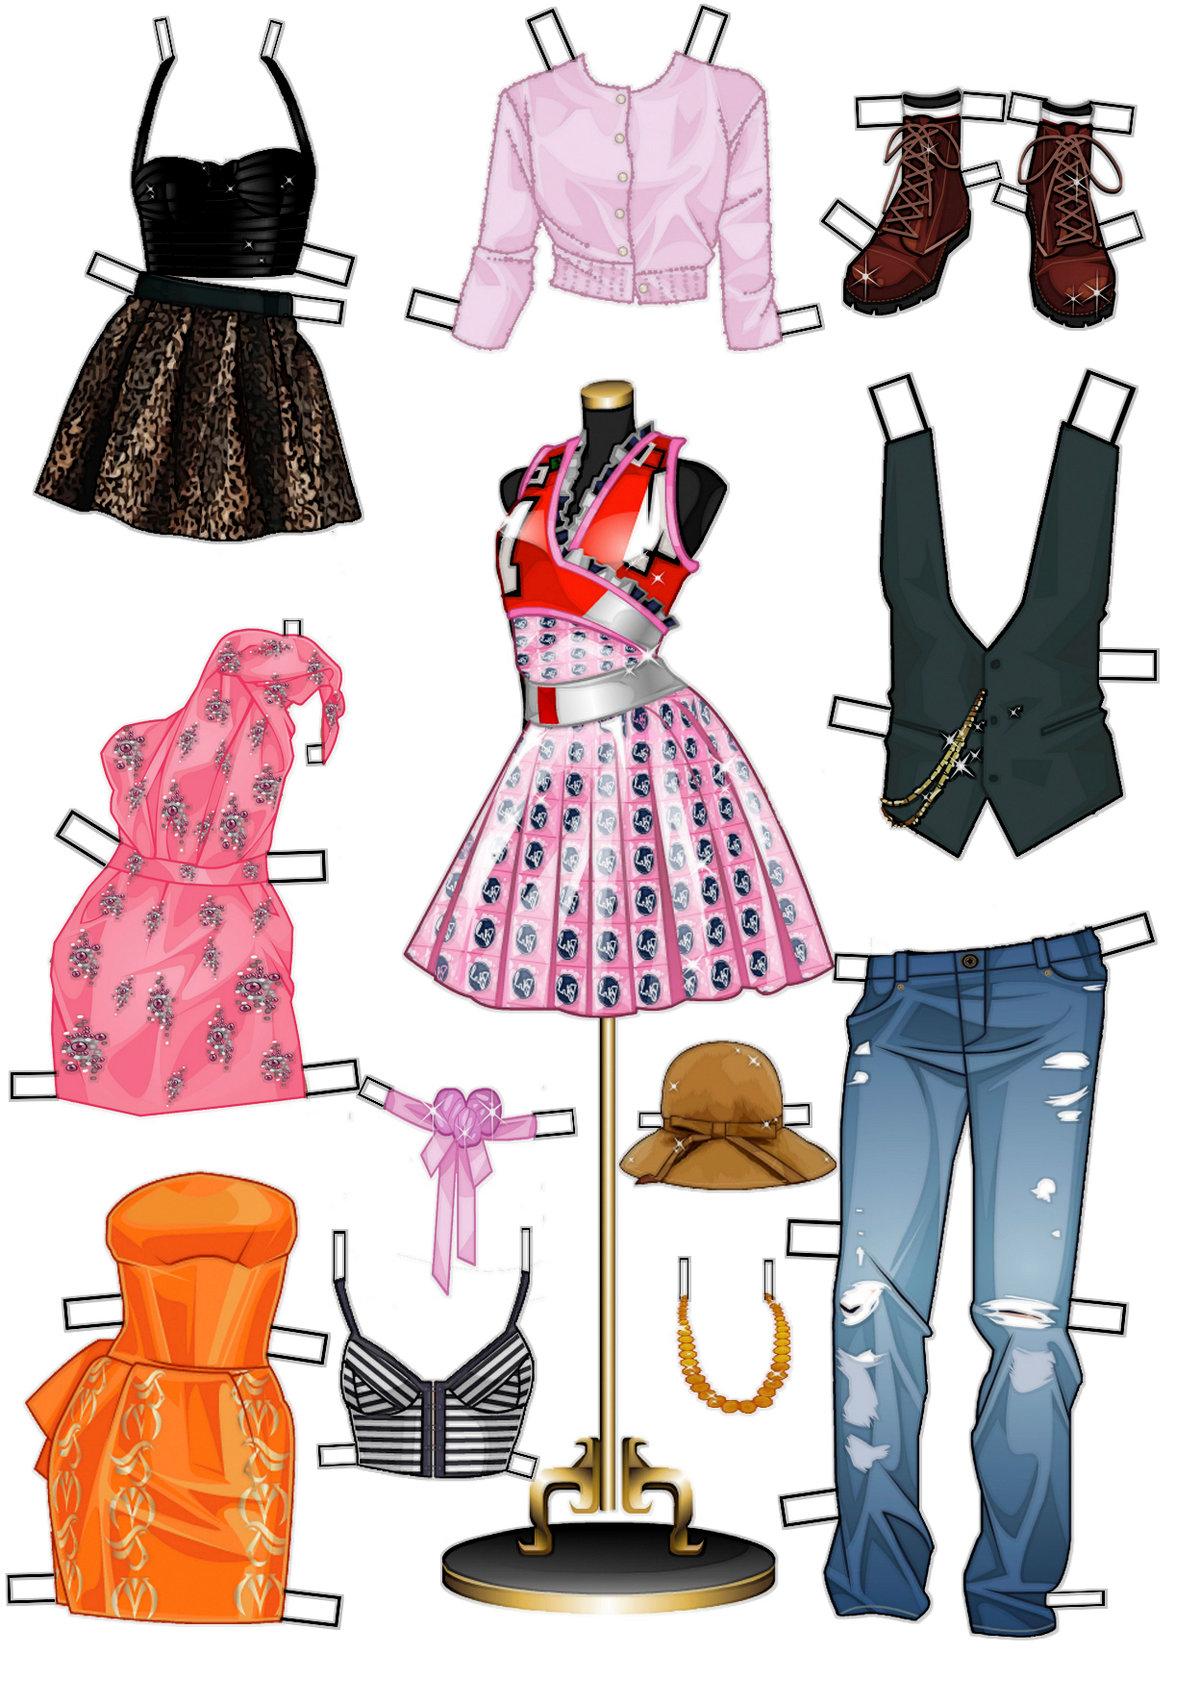 картинки бумажных кукол в одежде результате